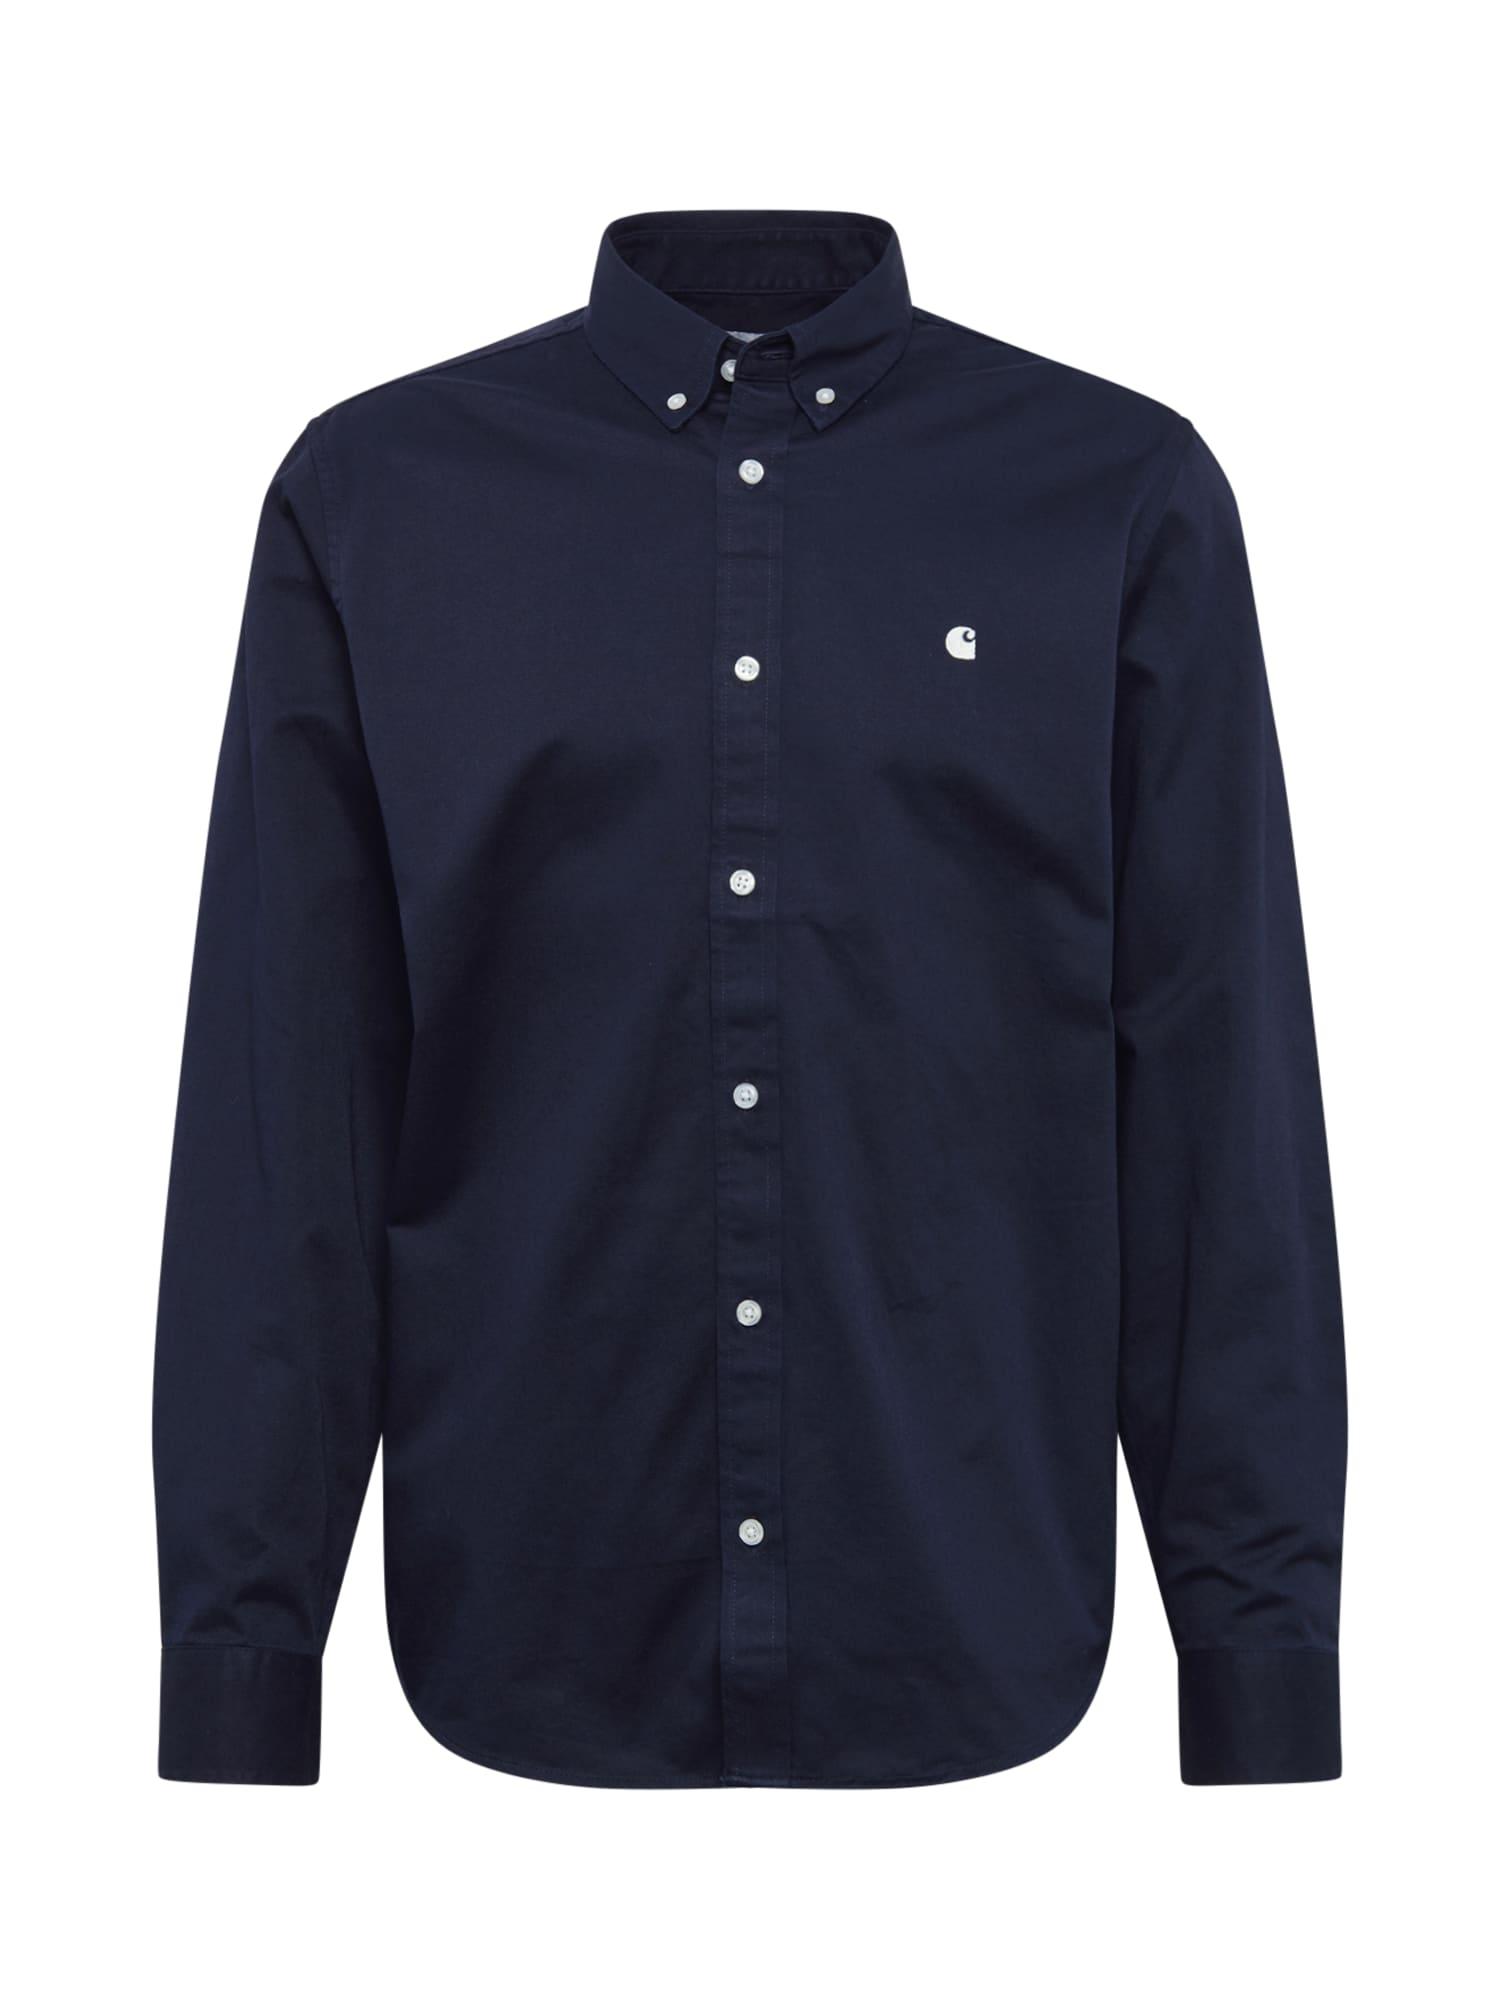 Carhartt WIP Dalykiniai marškiniai 'Madison' tamsiai mėlyna